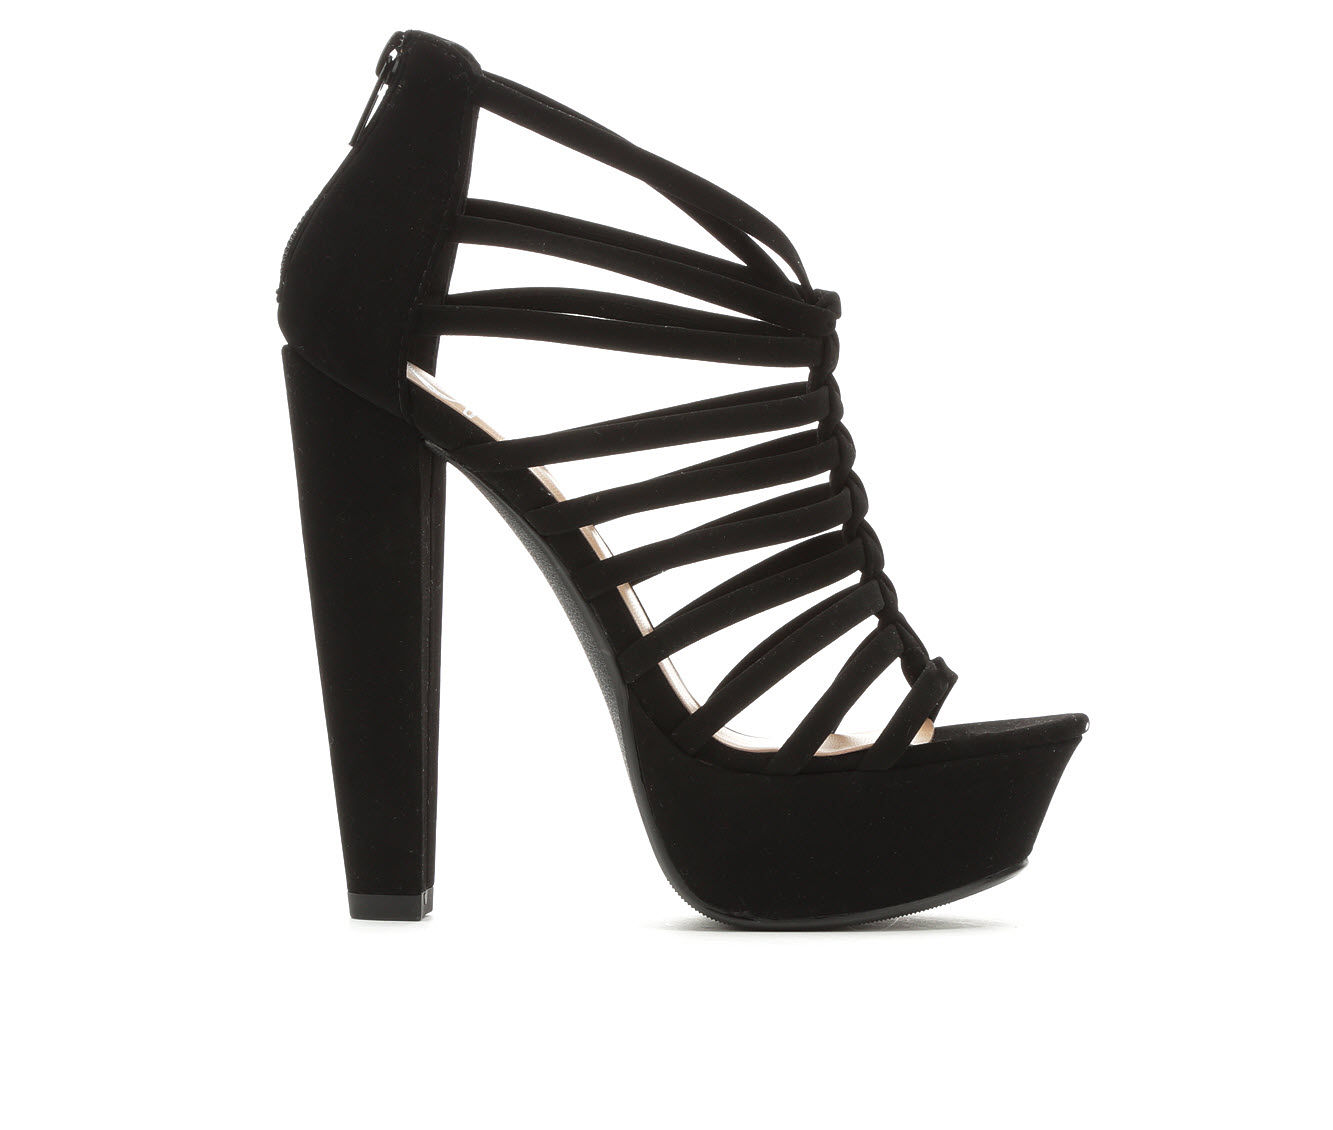 Delicious Meme Women's Dress Shoe (Black Faux Leather)